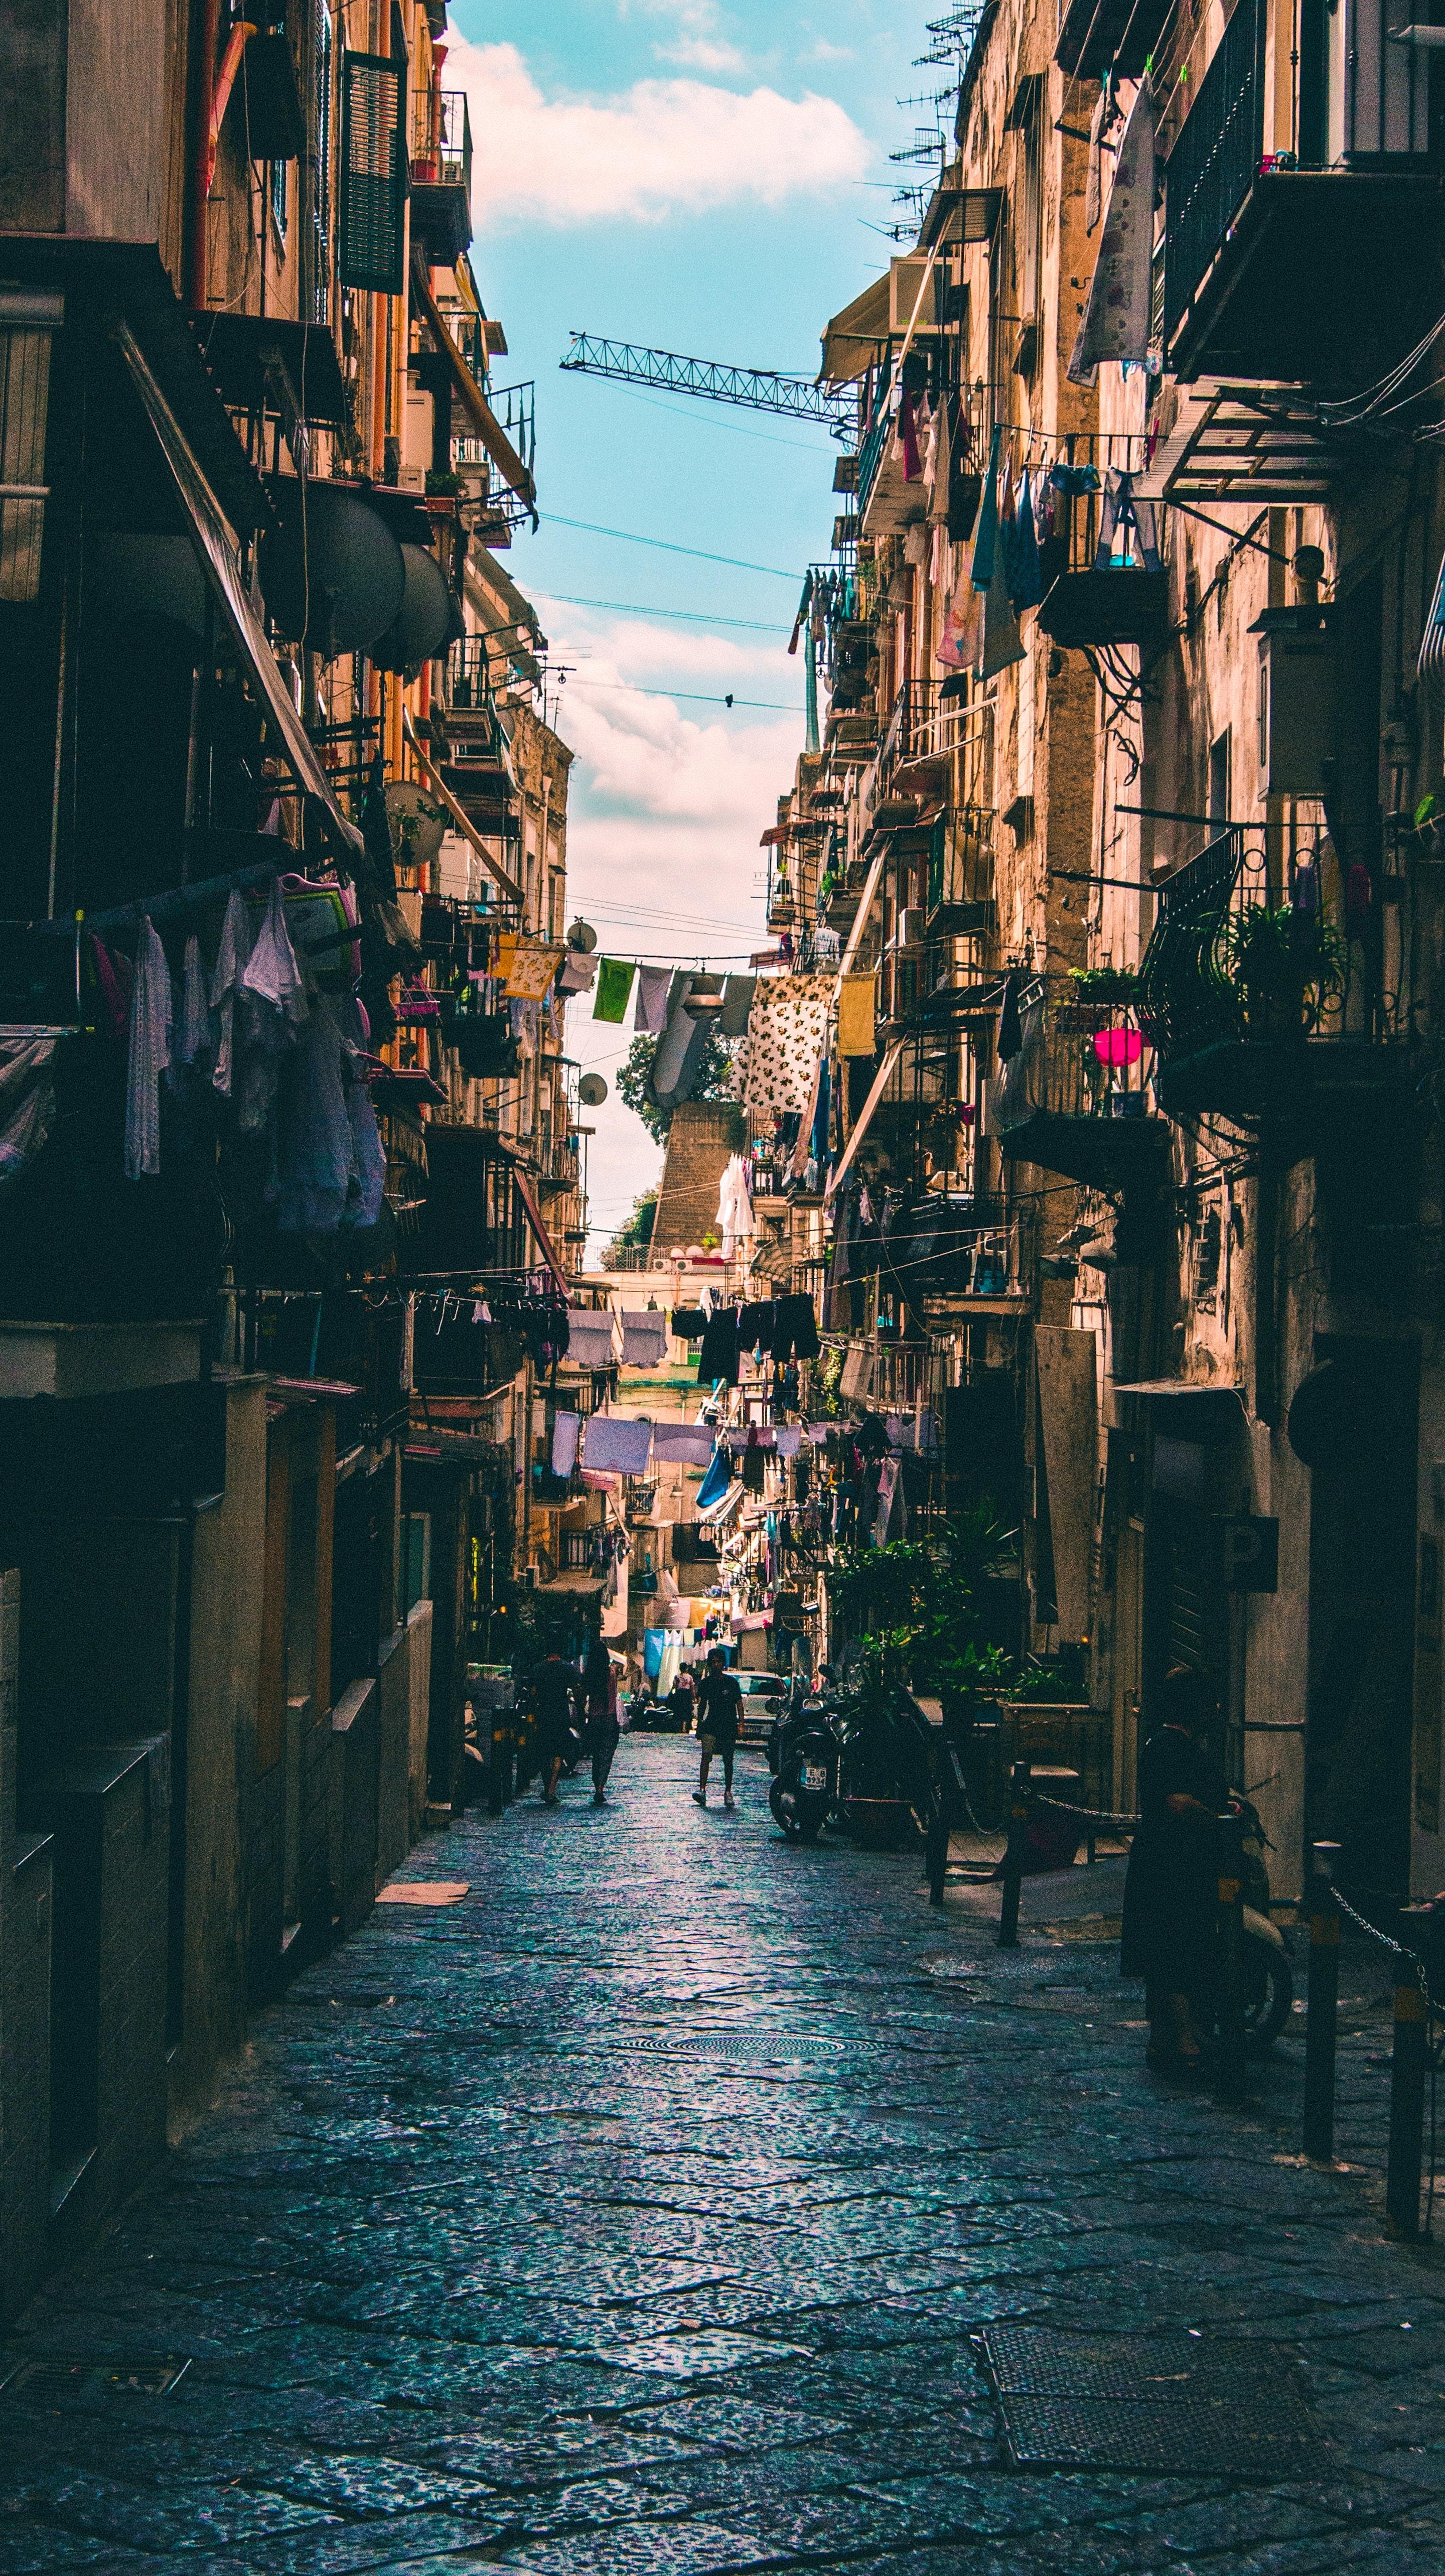 Ferienwohnung Wohnung mit 3 Schlafzimmern in Angri mit schöner Aussicht auf die Stadt und möbliertem Bal (2557376), Angri, Salerno, Kampanien, Italien, Bild 32